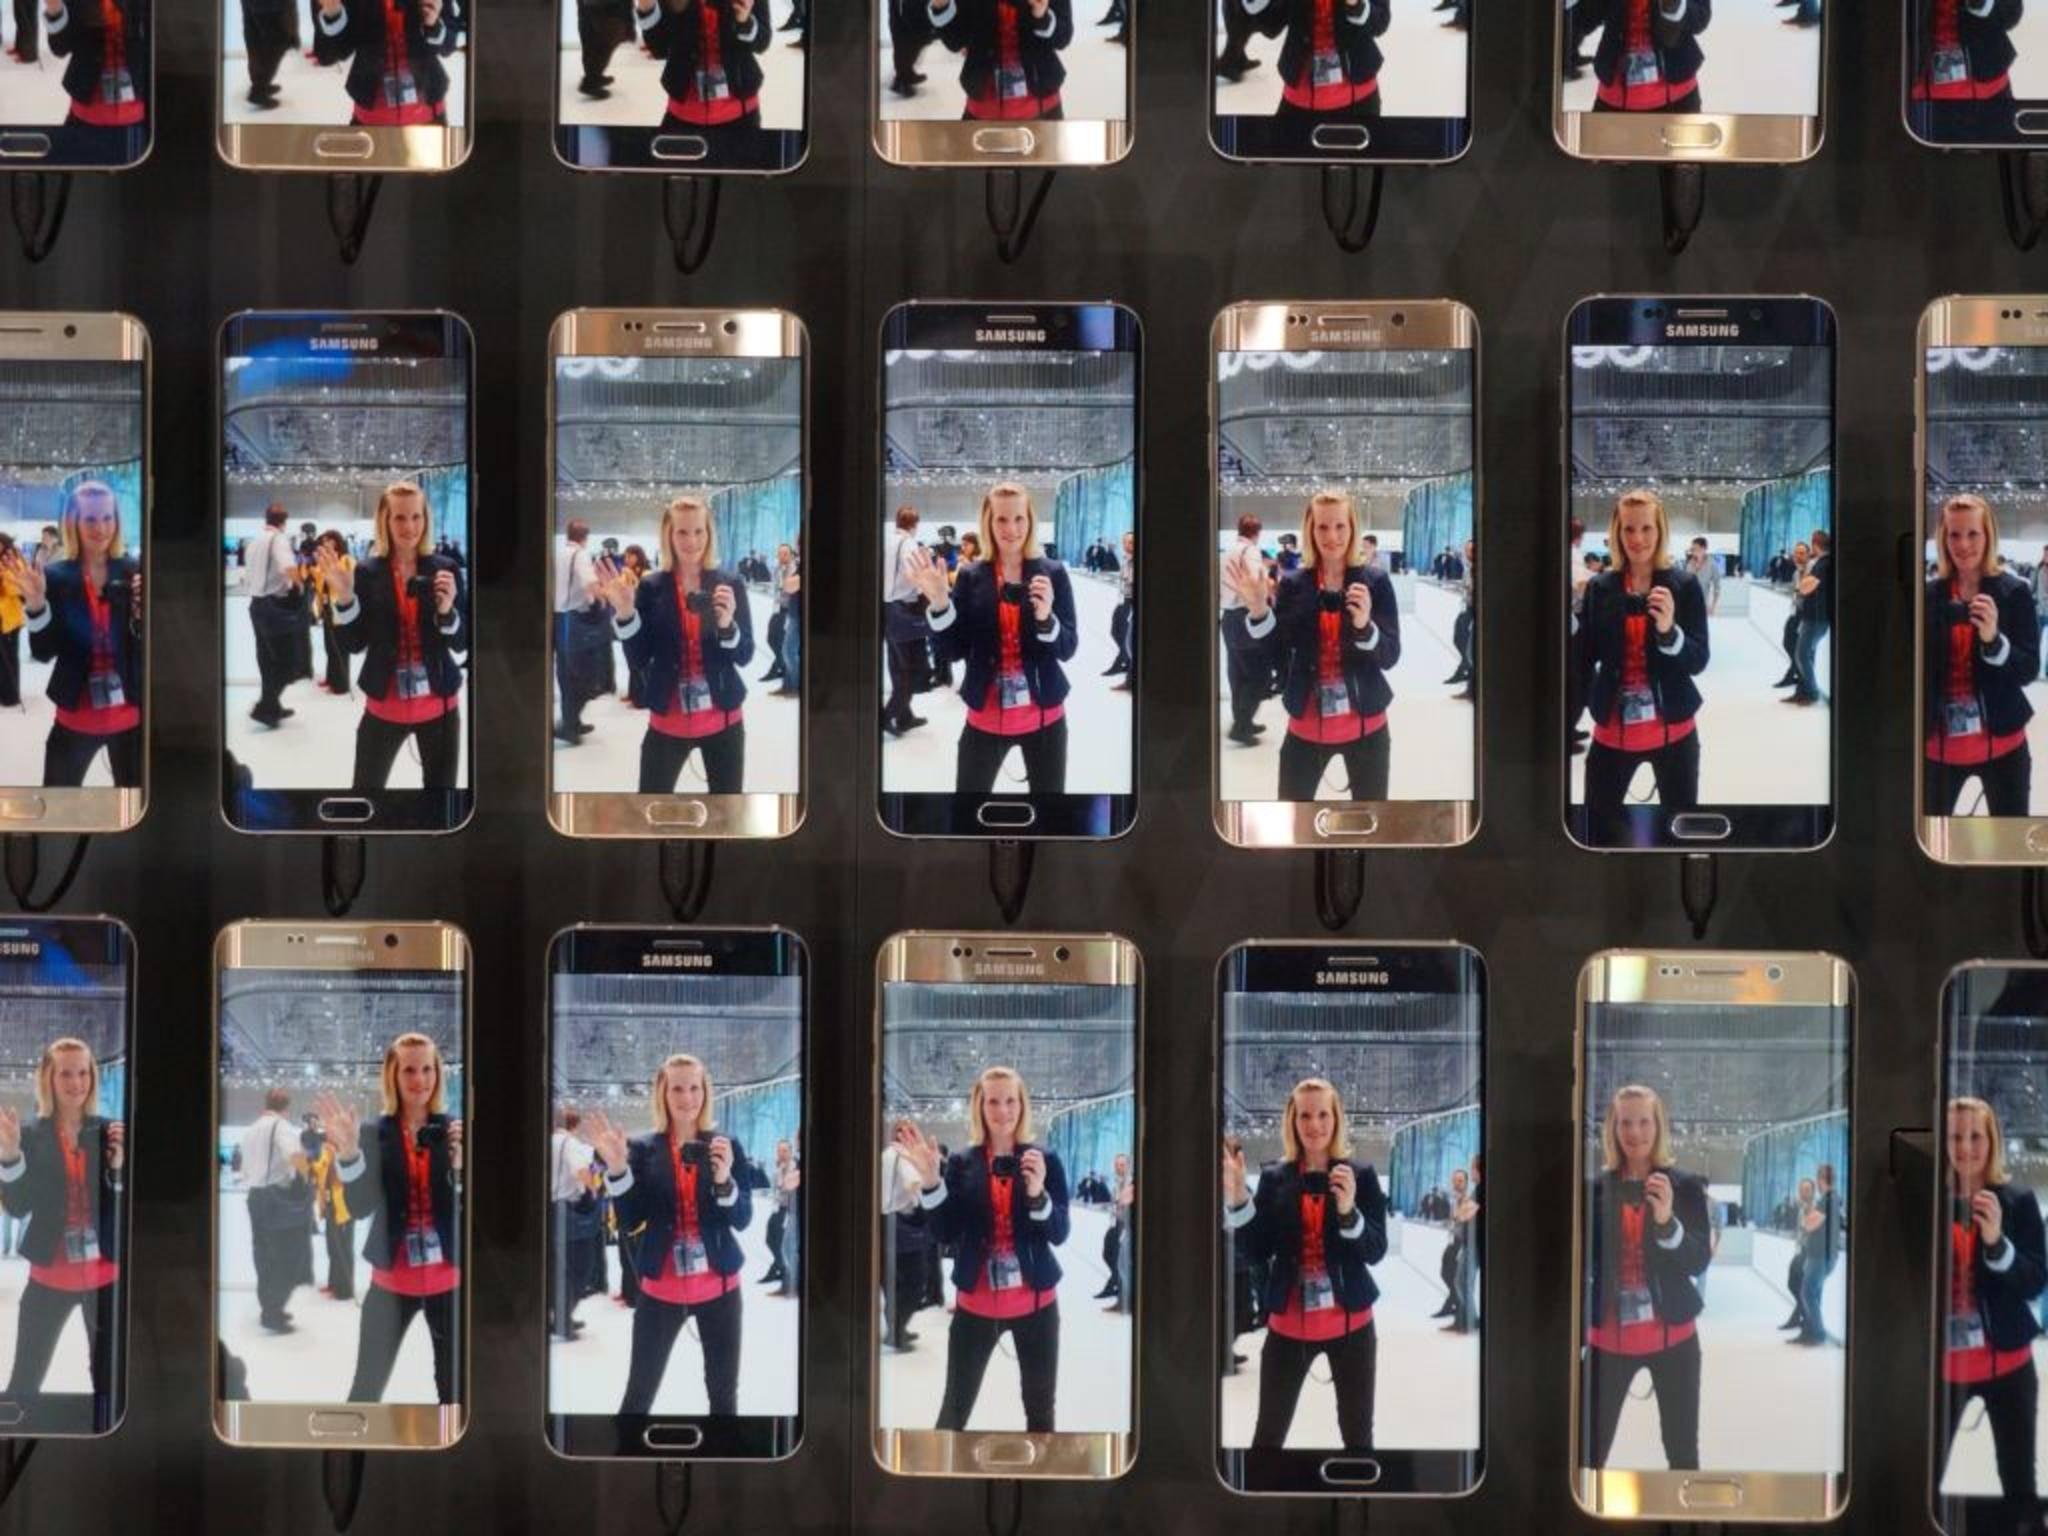 Immer mehr Smartphones können Bilder im RAW-Format knipsen, etwa das Galaxy S6 Edge Plus.